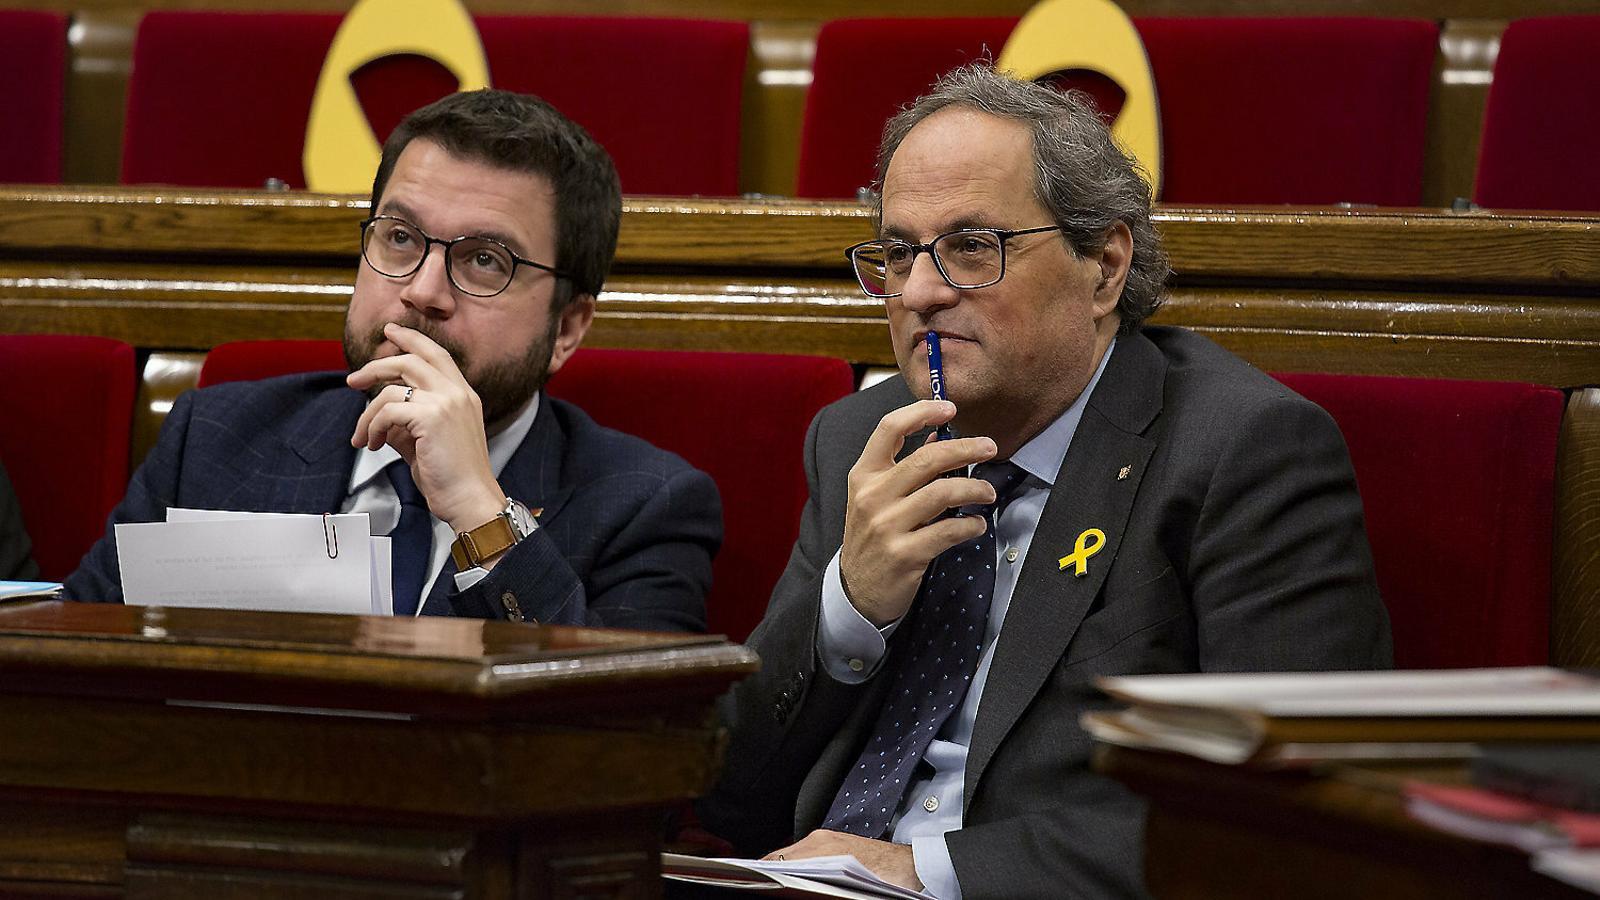 Torra i Aragonès eviten ara polemitzar per la pròrroga de l'estat d'alarma